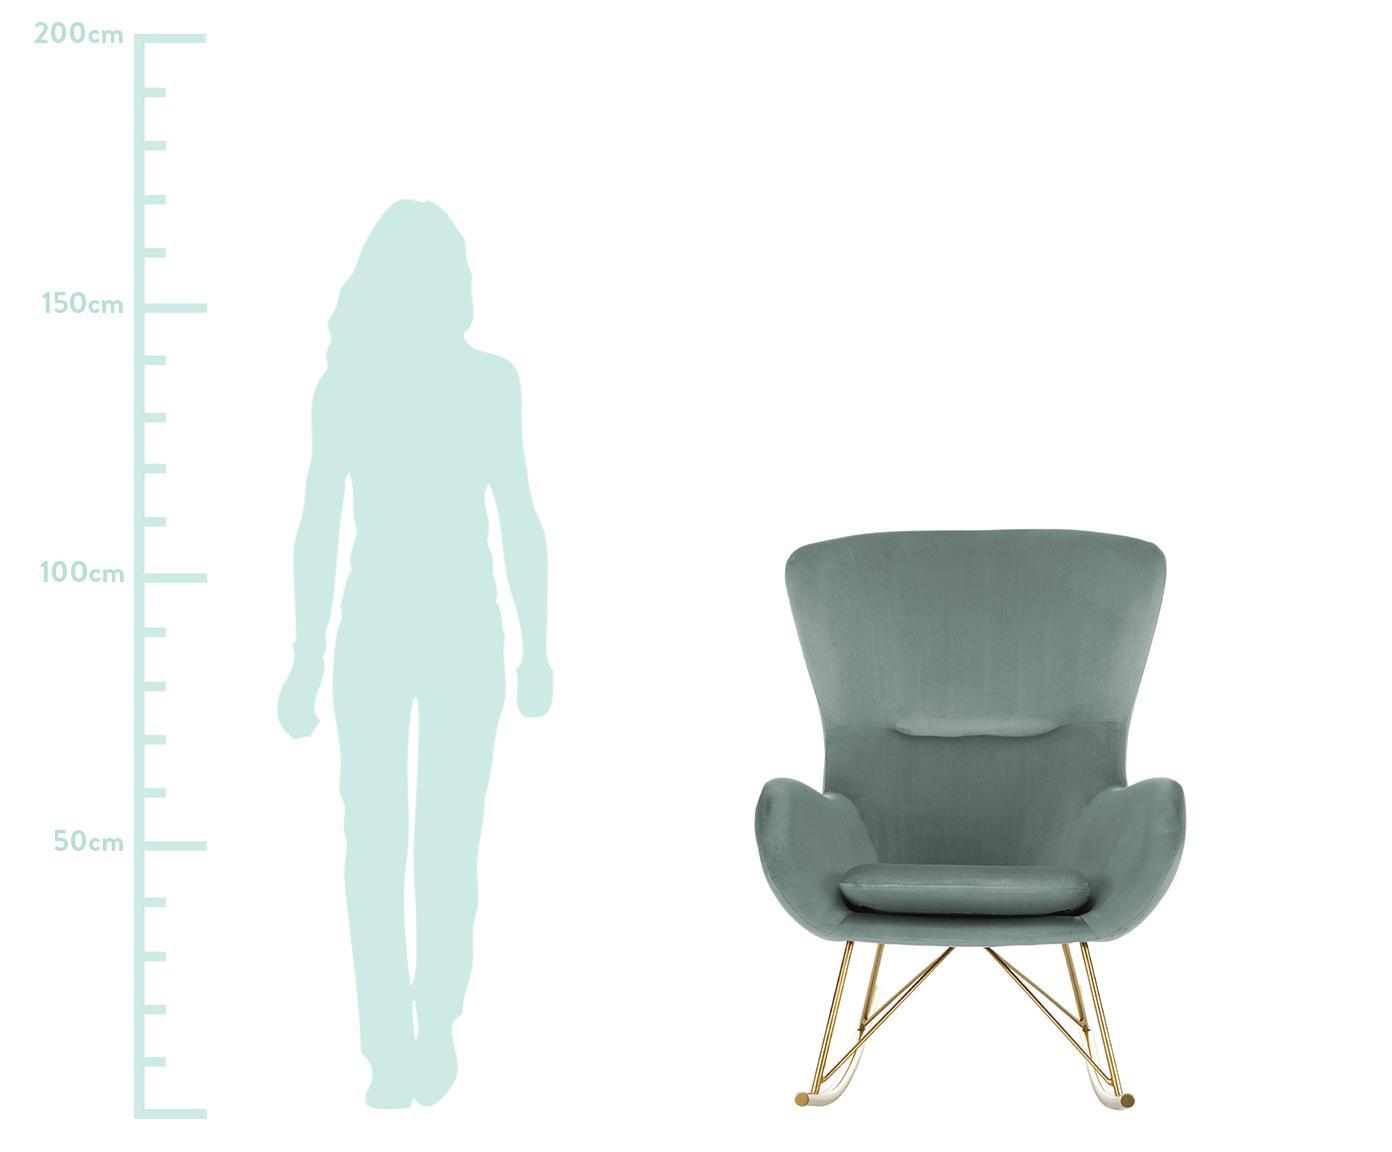 Fluwelen schommelstoel Wing, Bekleding: fluweel (polyester), Frame: gegalvaniseerd metaal, Saliegroen, B 77 x D 96 cm